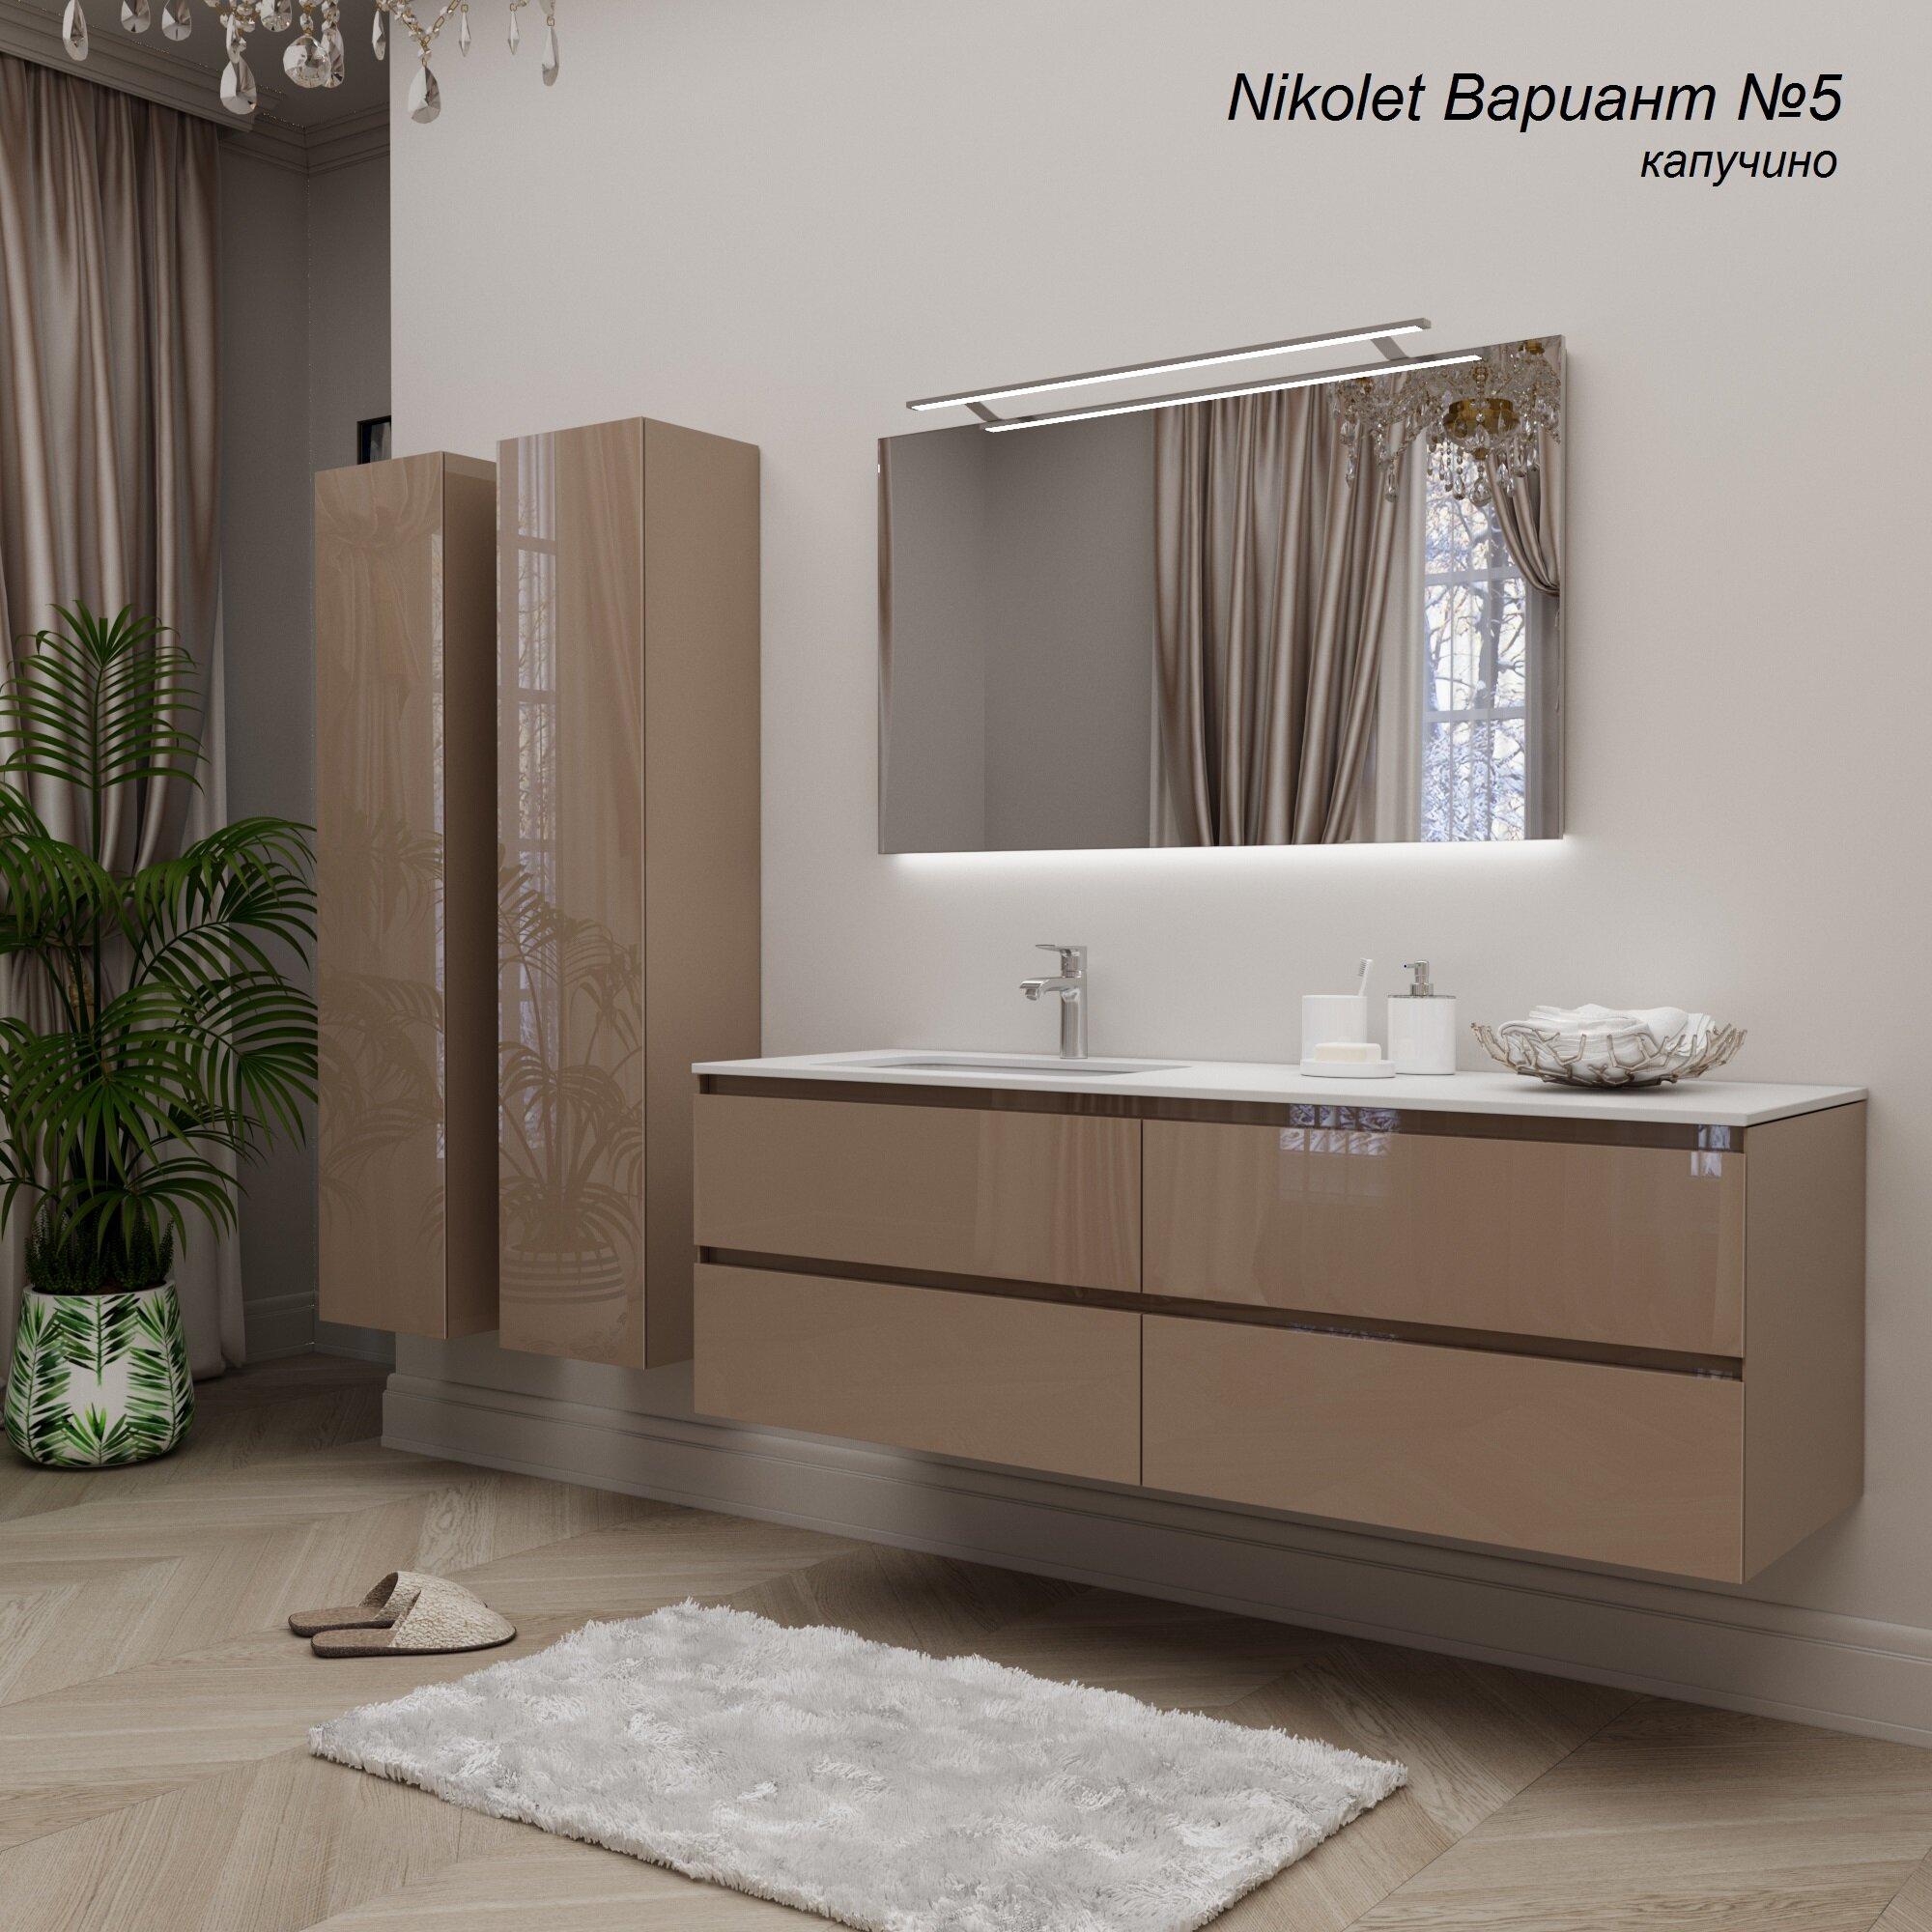 NIKOLET-5